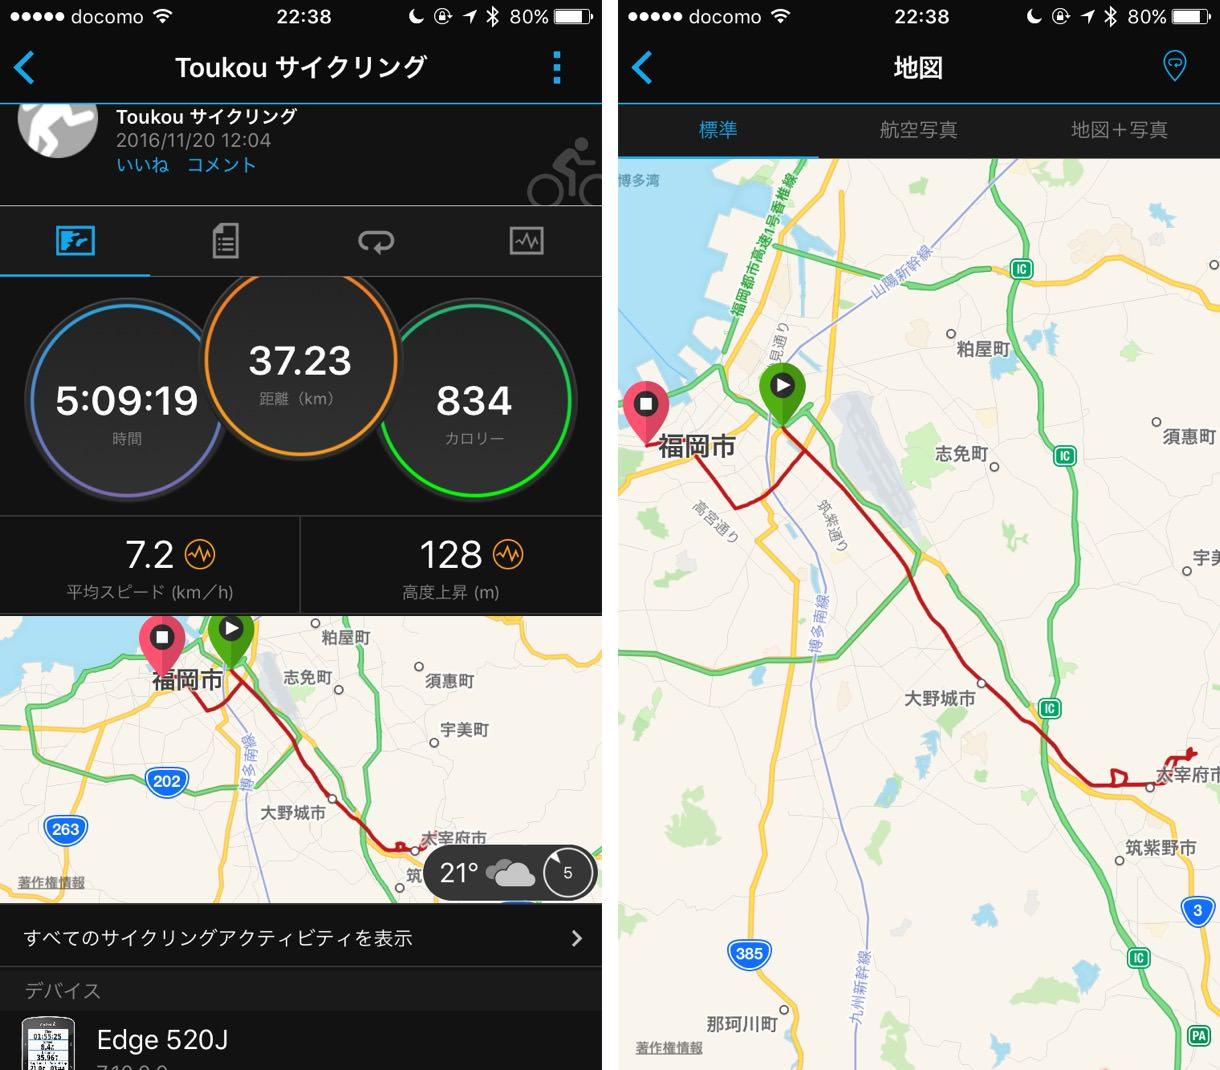 阿蘇ロードバイクツーリング1日目の走行距離